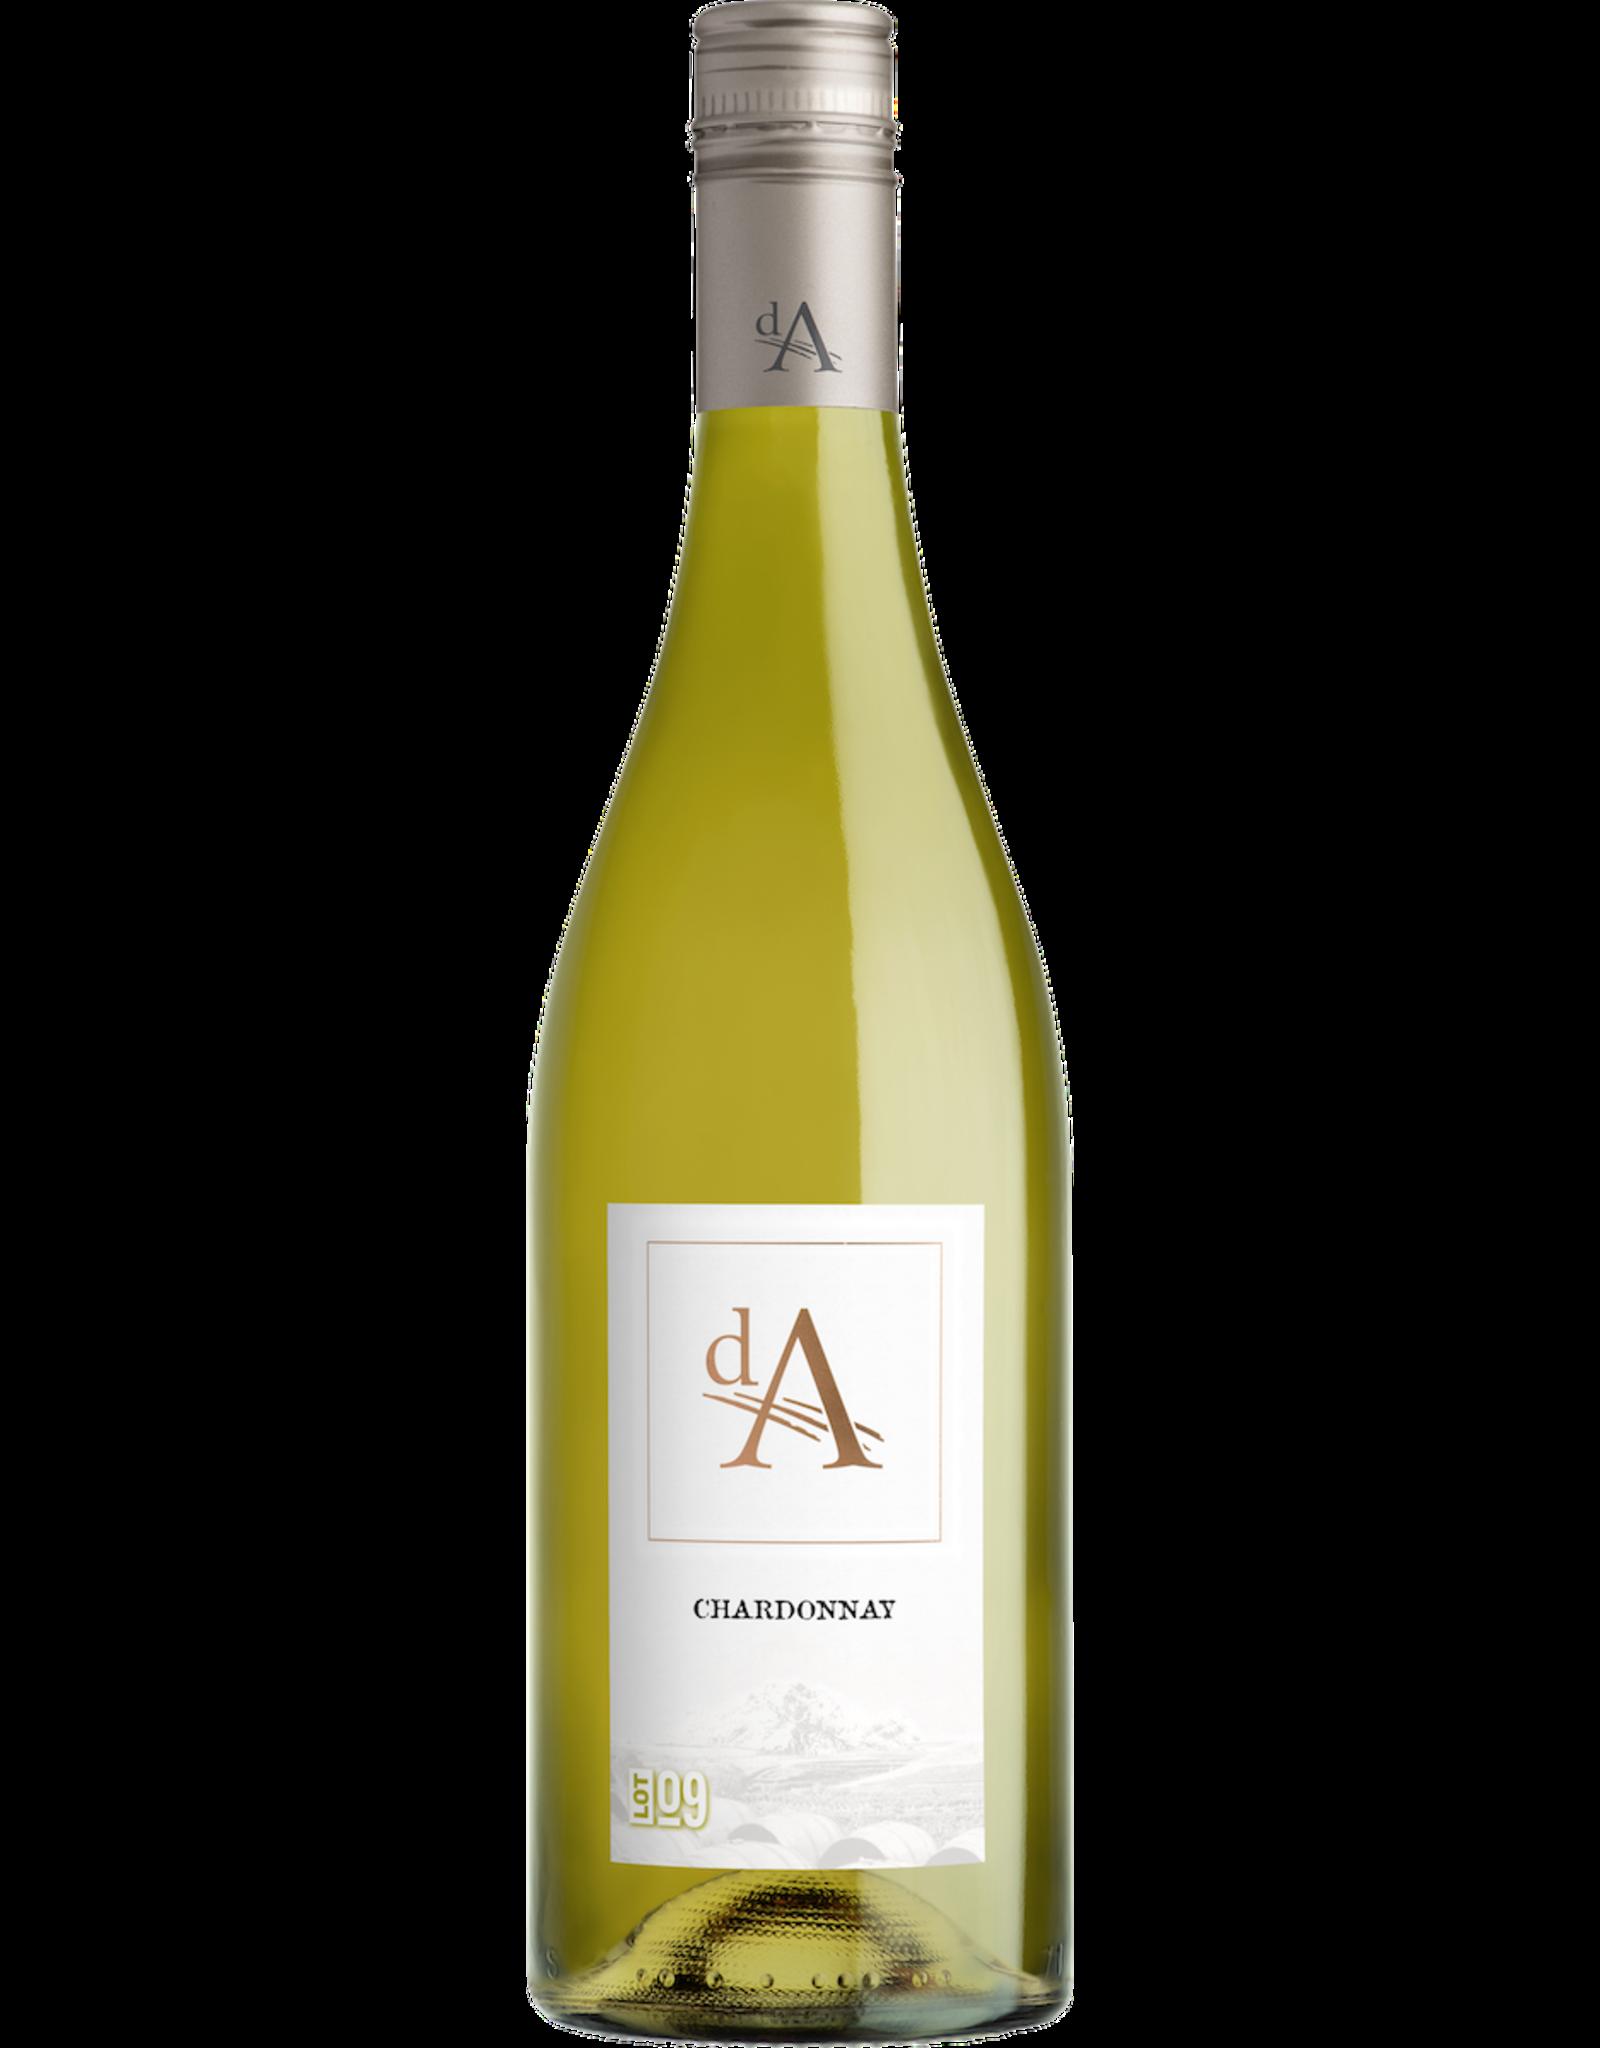 Domaine d'Astruc Astruc dA Chardonnay